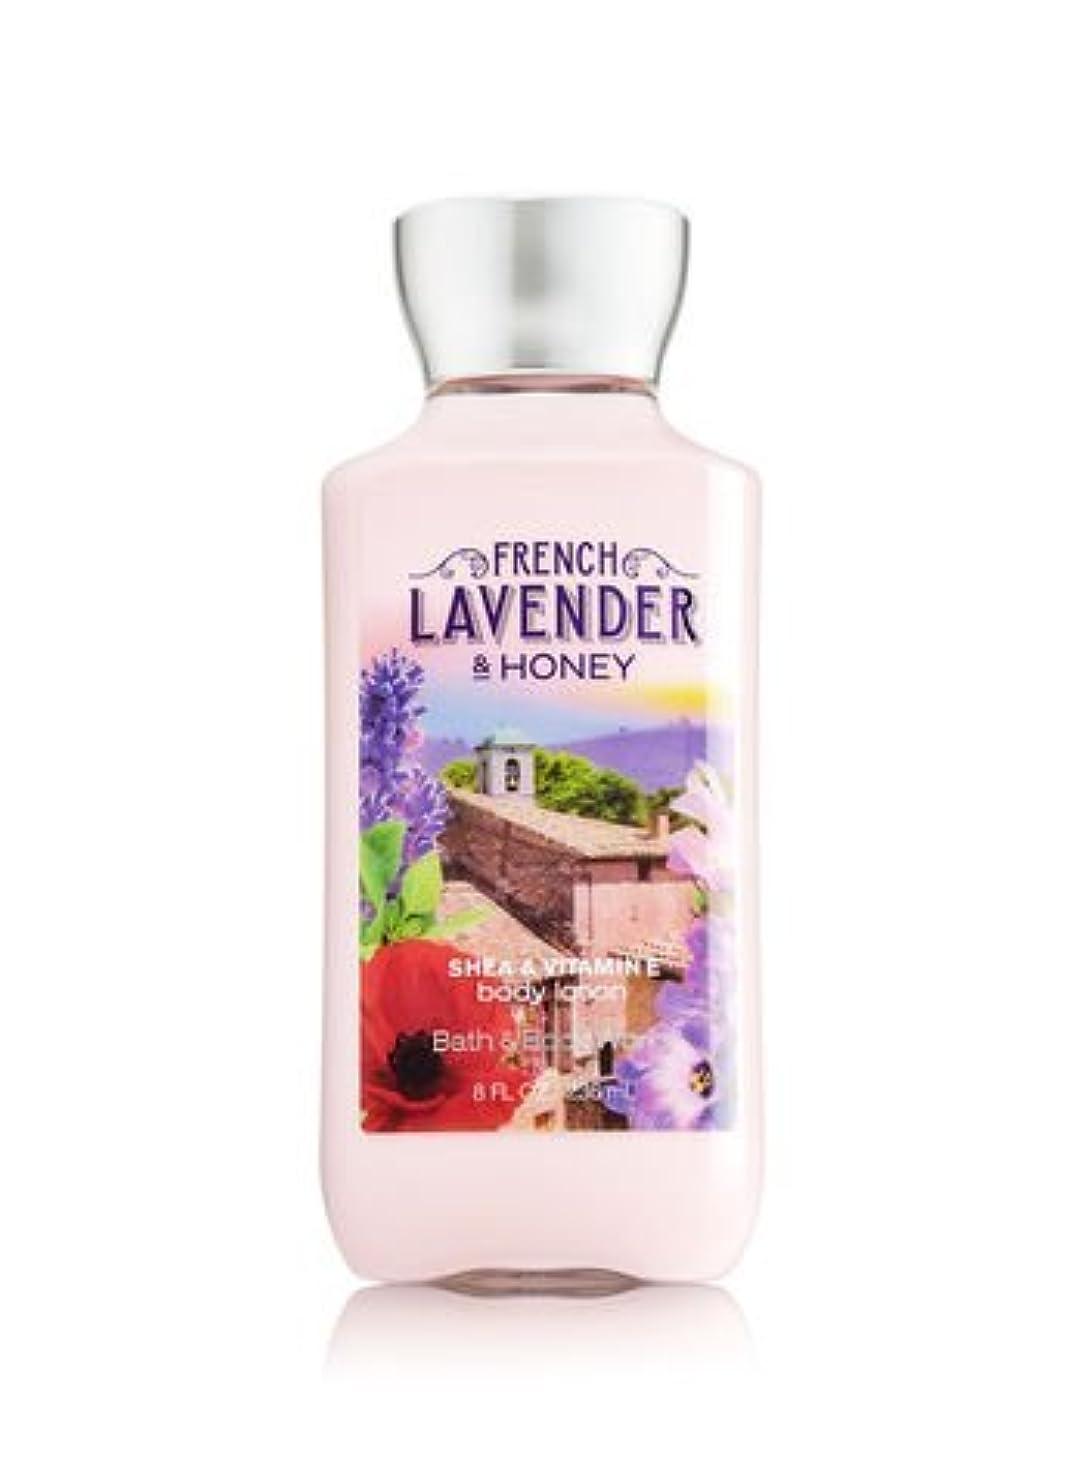 不良メーカー略奪【Bath&Body Works/バス&ボディワークス】 ボディローション フレンチラベンダー&ハニー Body Lotion French Lavender & Honey 8 fl oz / 236 mL [並行輸入品]